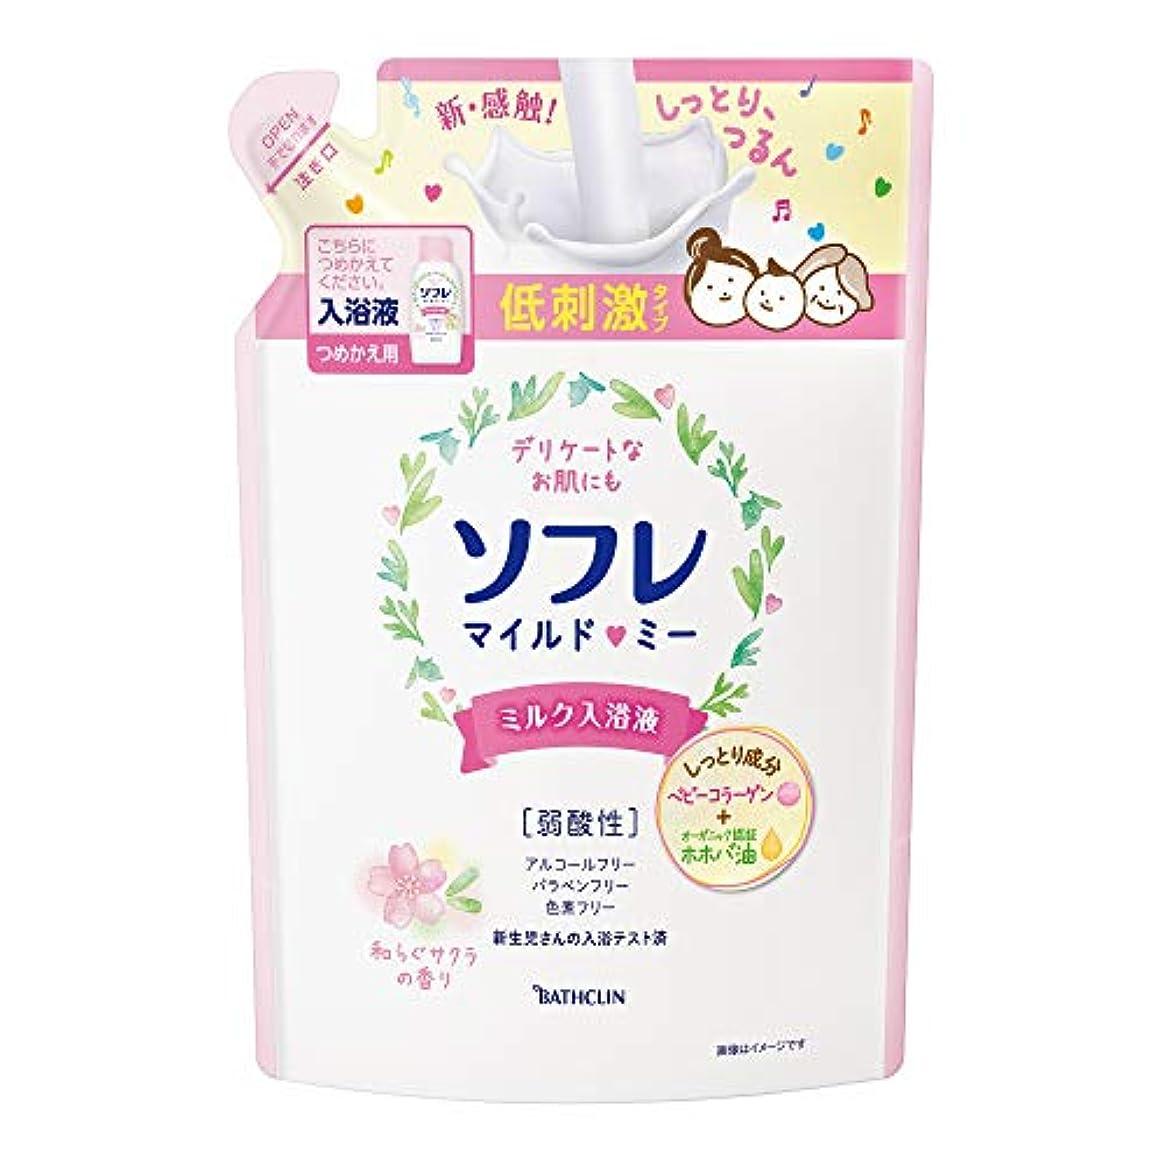 小競り合い司書潜在的なバスクリン ソフレ入浴液 マイルド?ミー ミルク 和らぐサクラの香り つめかえ用 600mL保湿 成分配合 赤ちゃんと一緒に使えます。